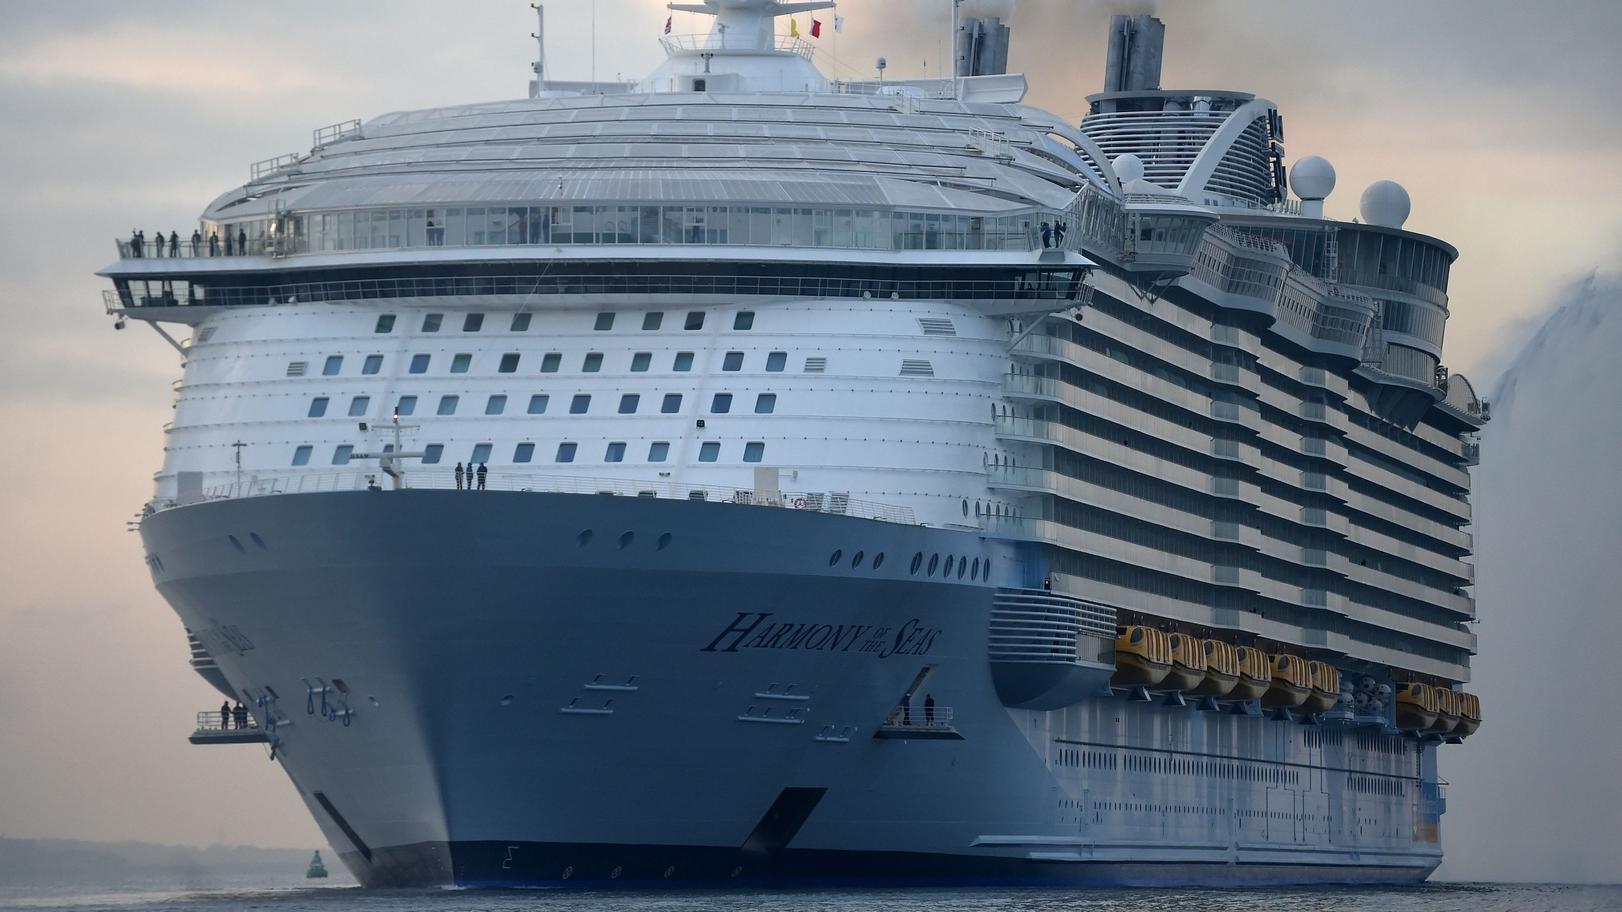 Das Kreuzfahrtschiff Harmony of the Seas der Reederei Royal Caribbean.